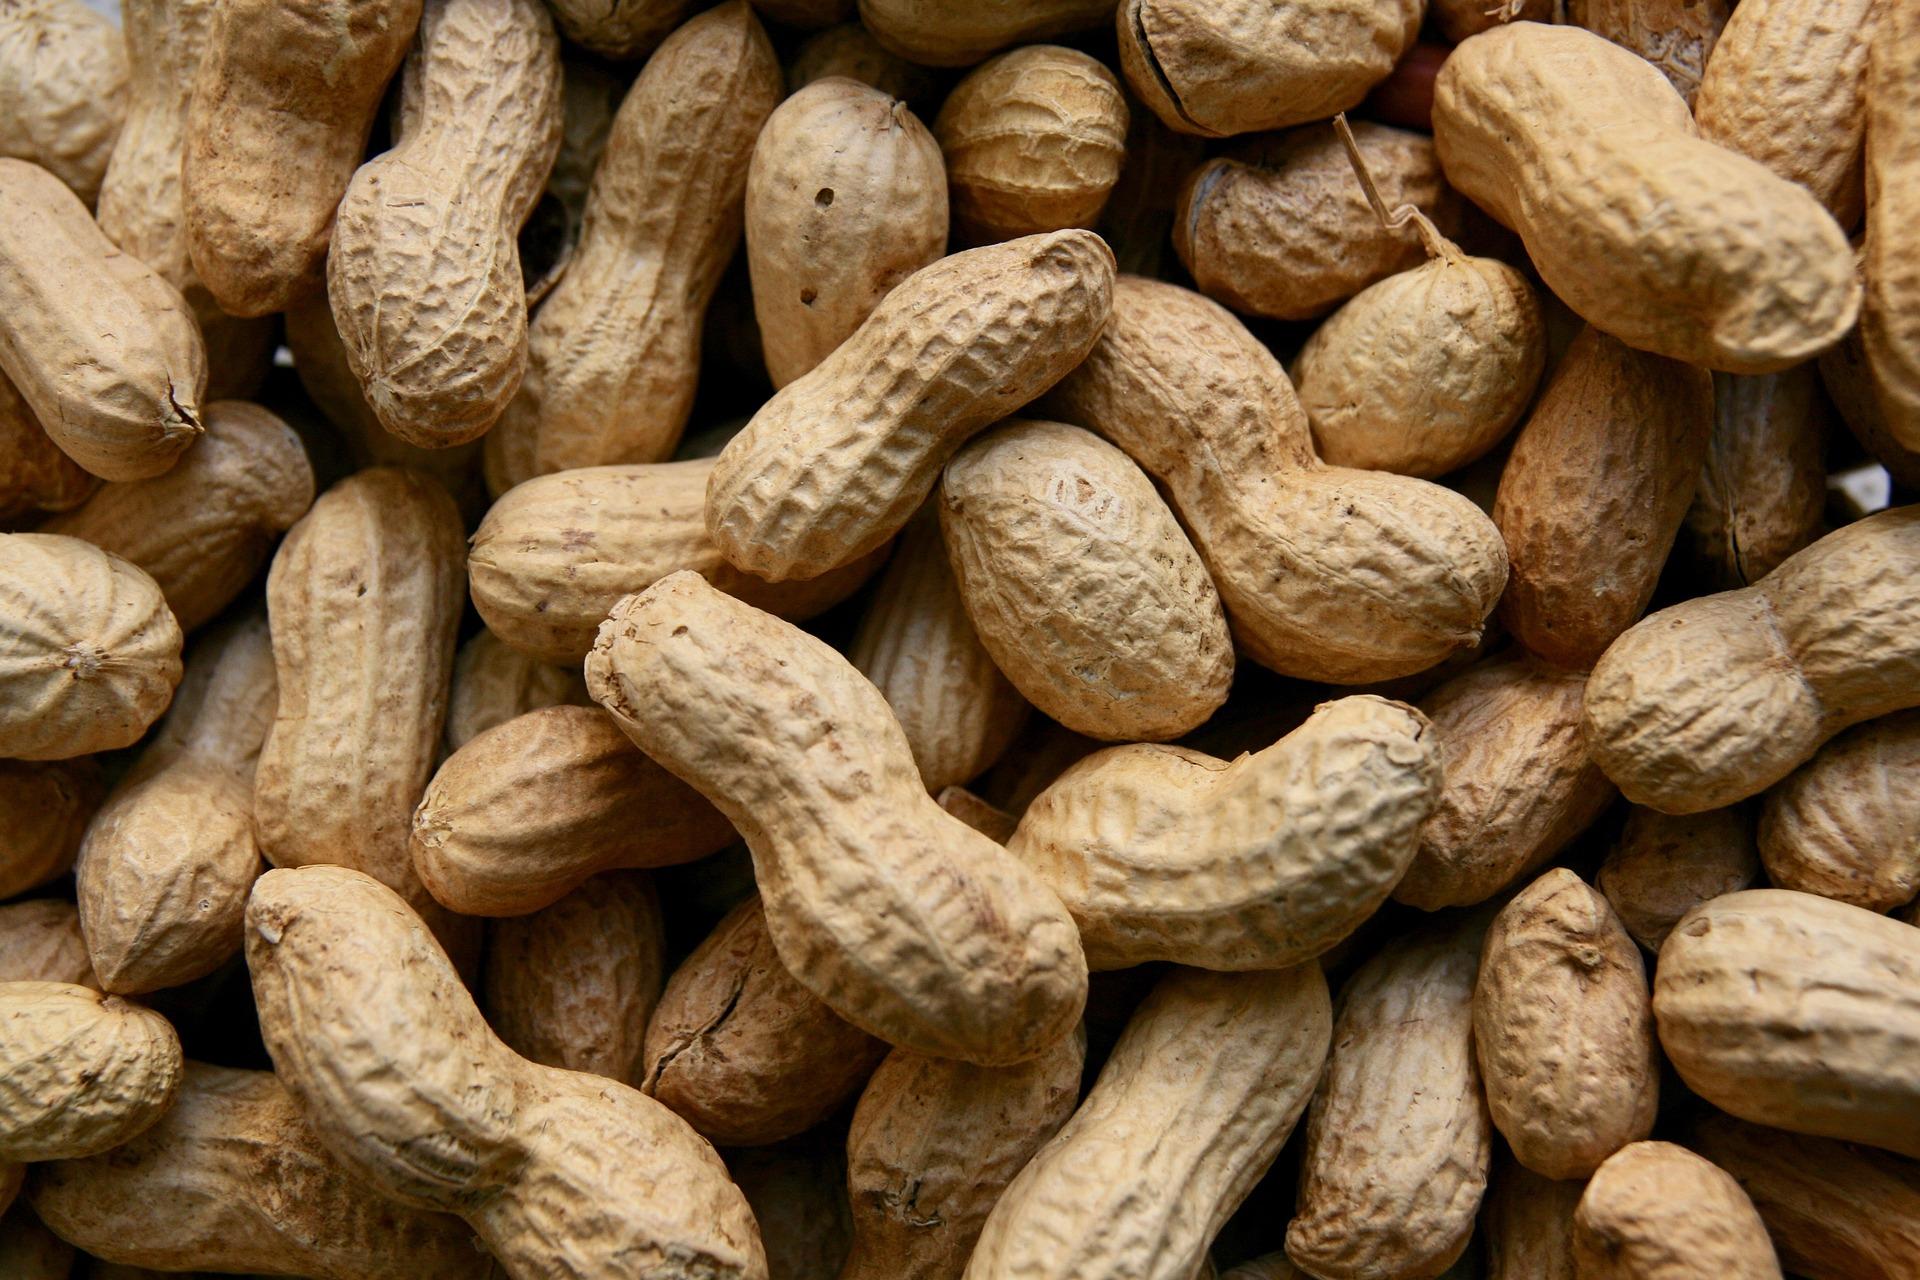 peanuts-3823362_1920.jpg